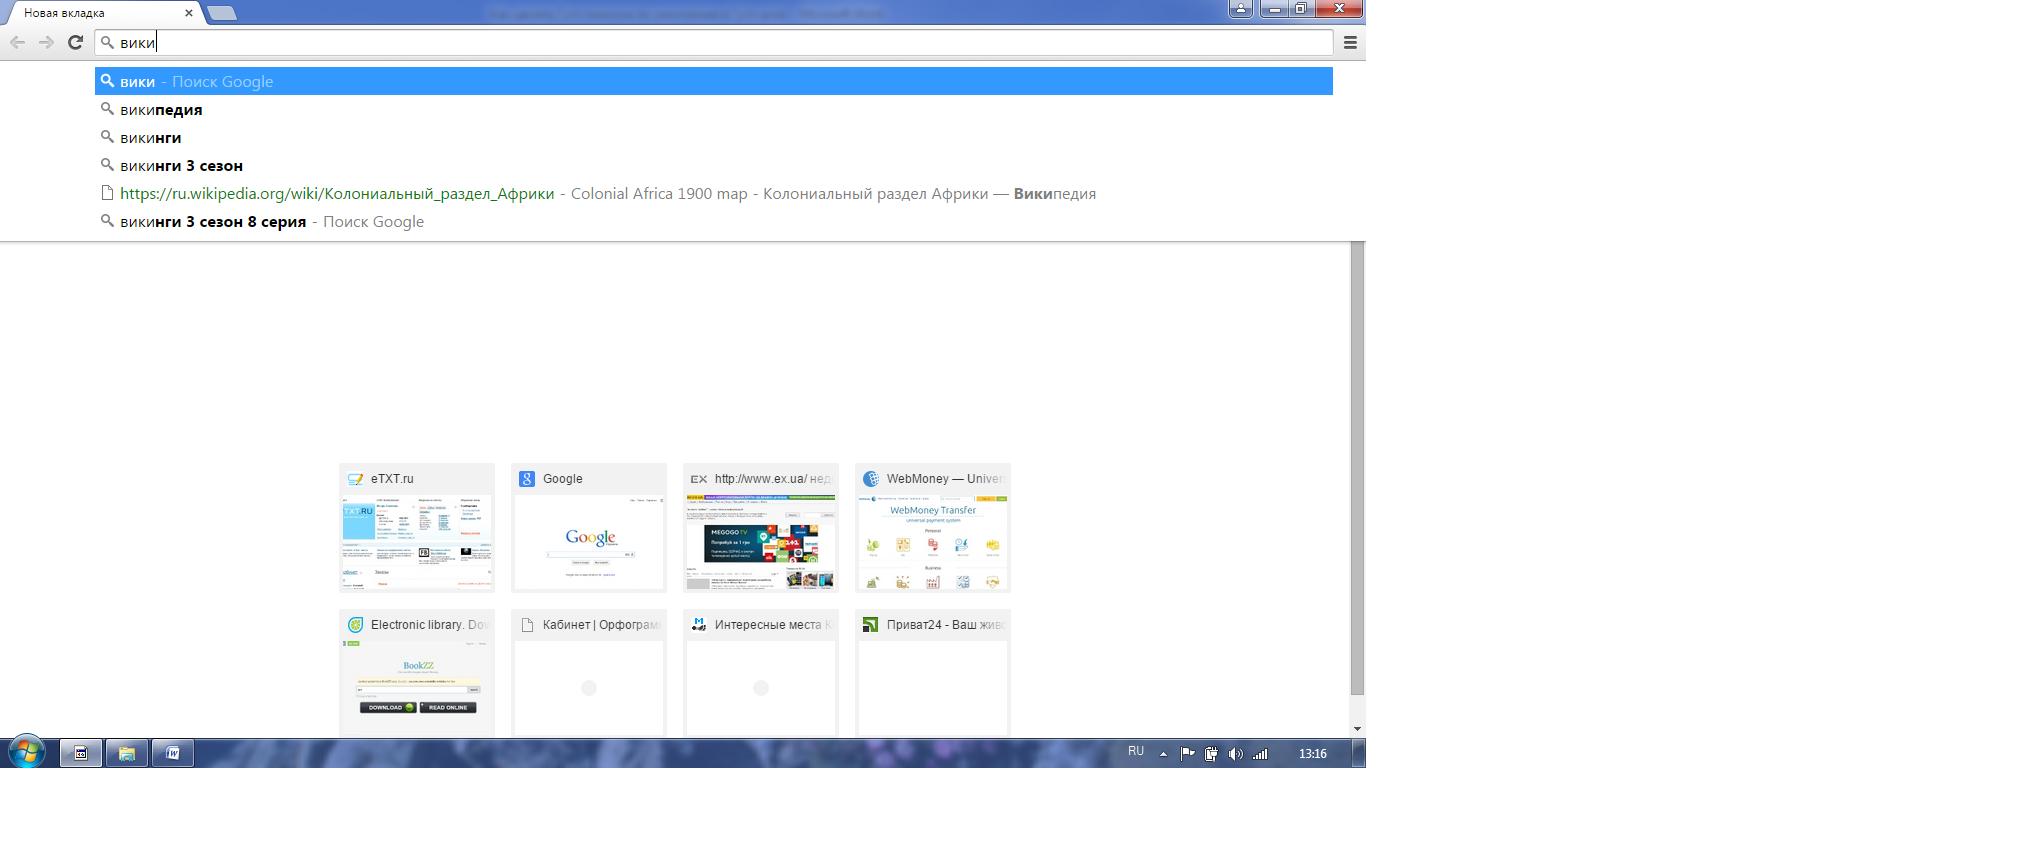 Как сделать гугл поиском по умолчанию